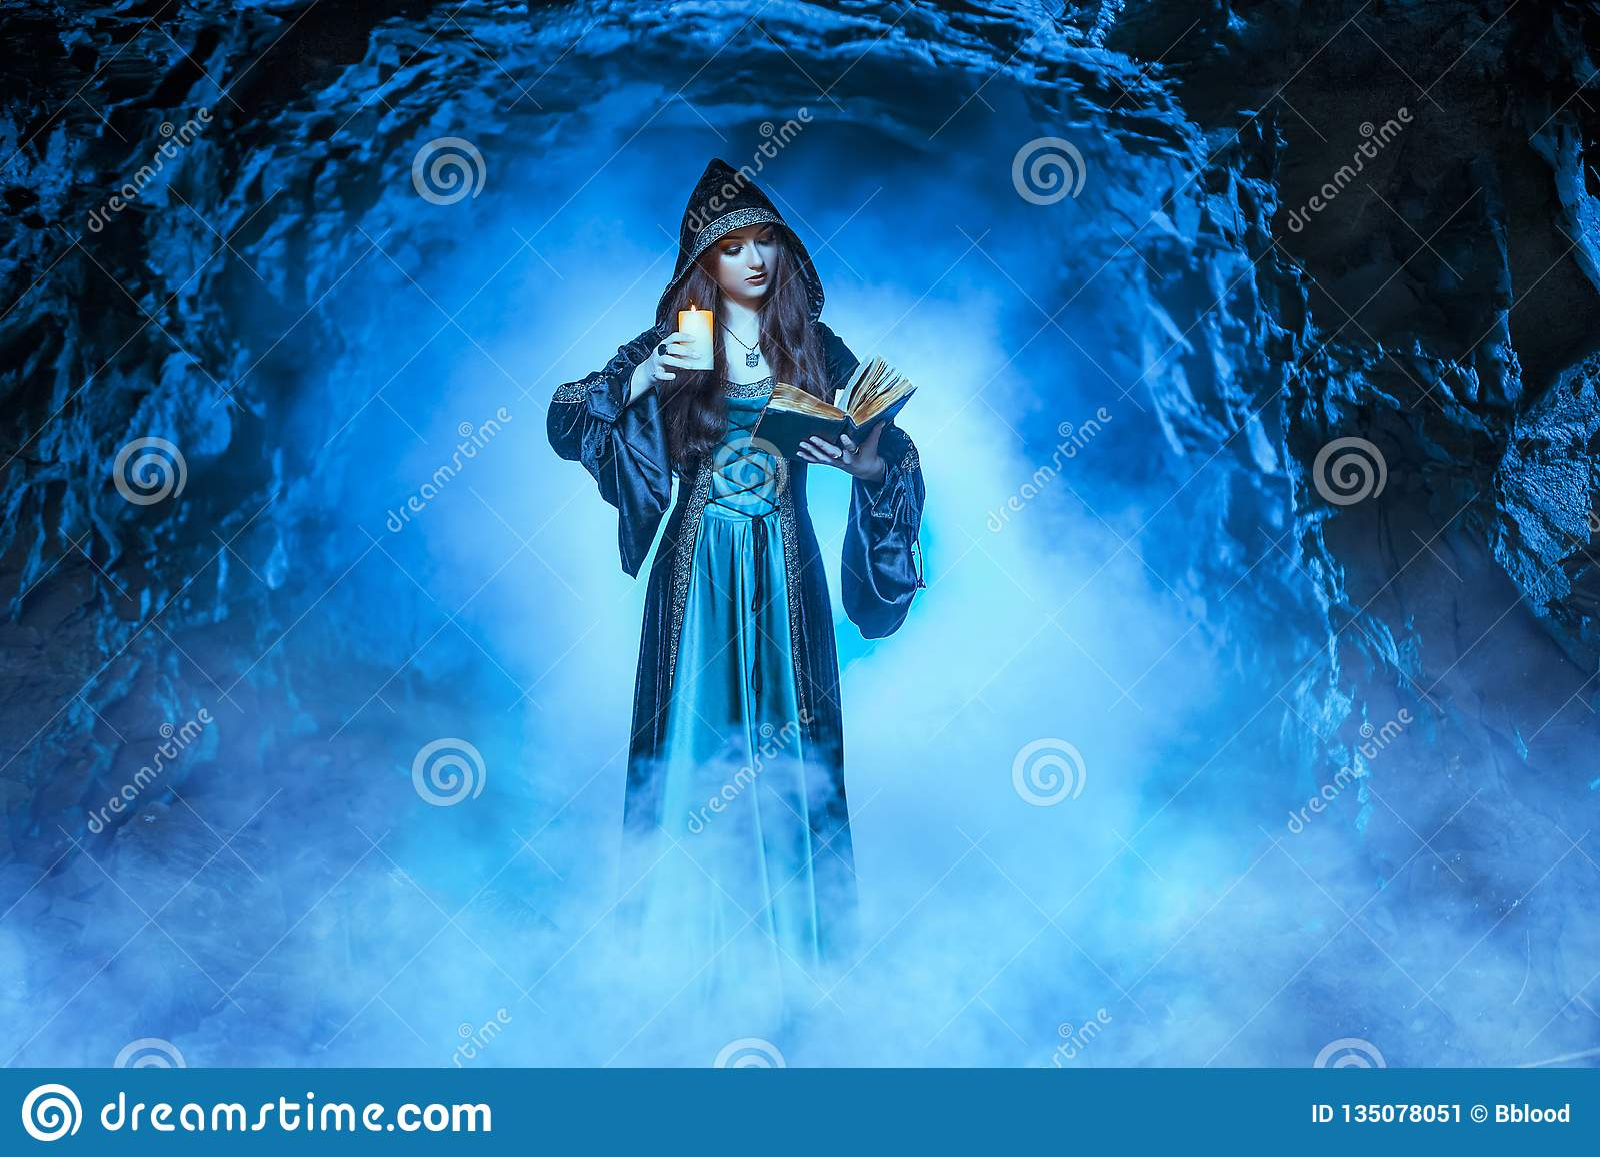 La bruja con la bola mágica en sus manos causa bebidas espirituosas